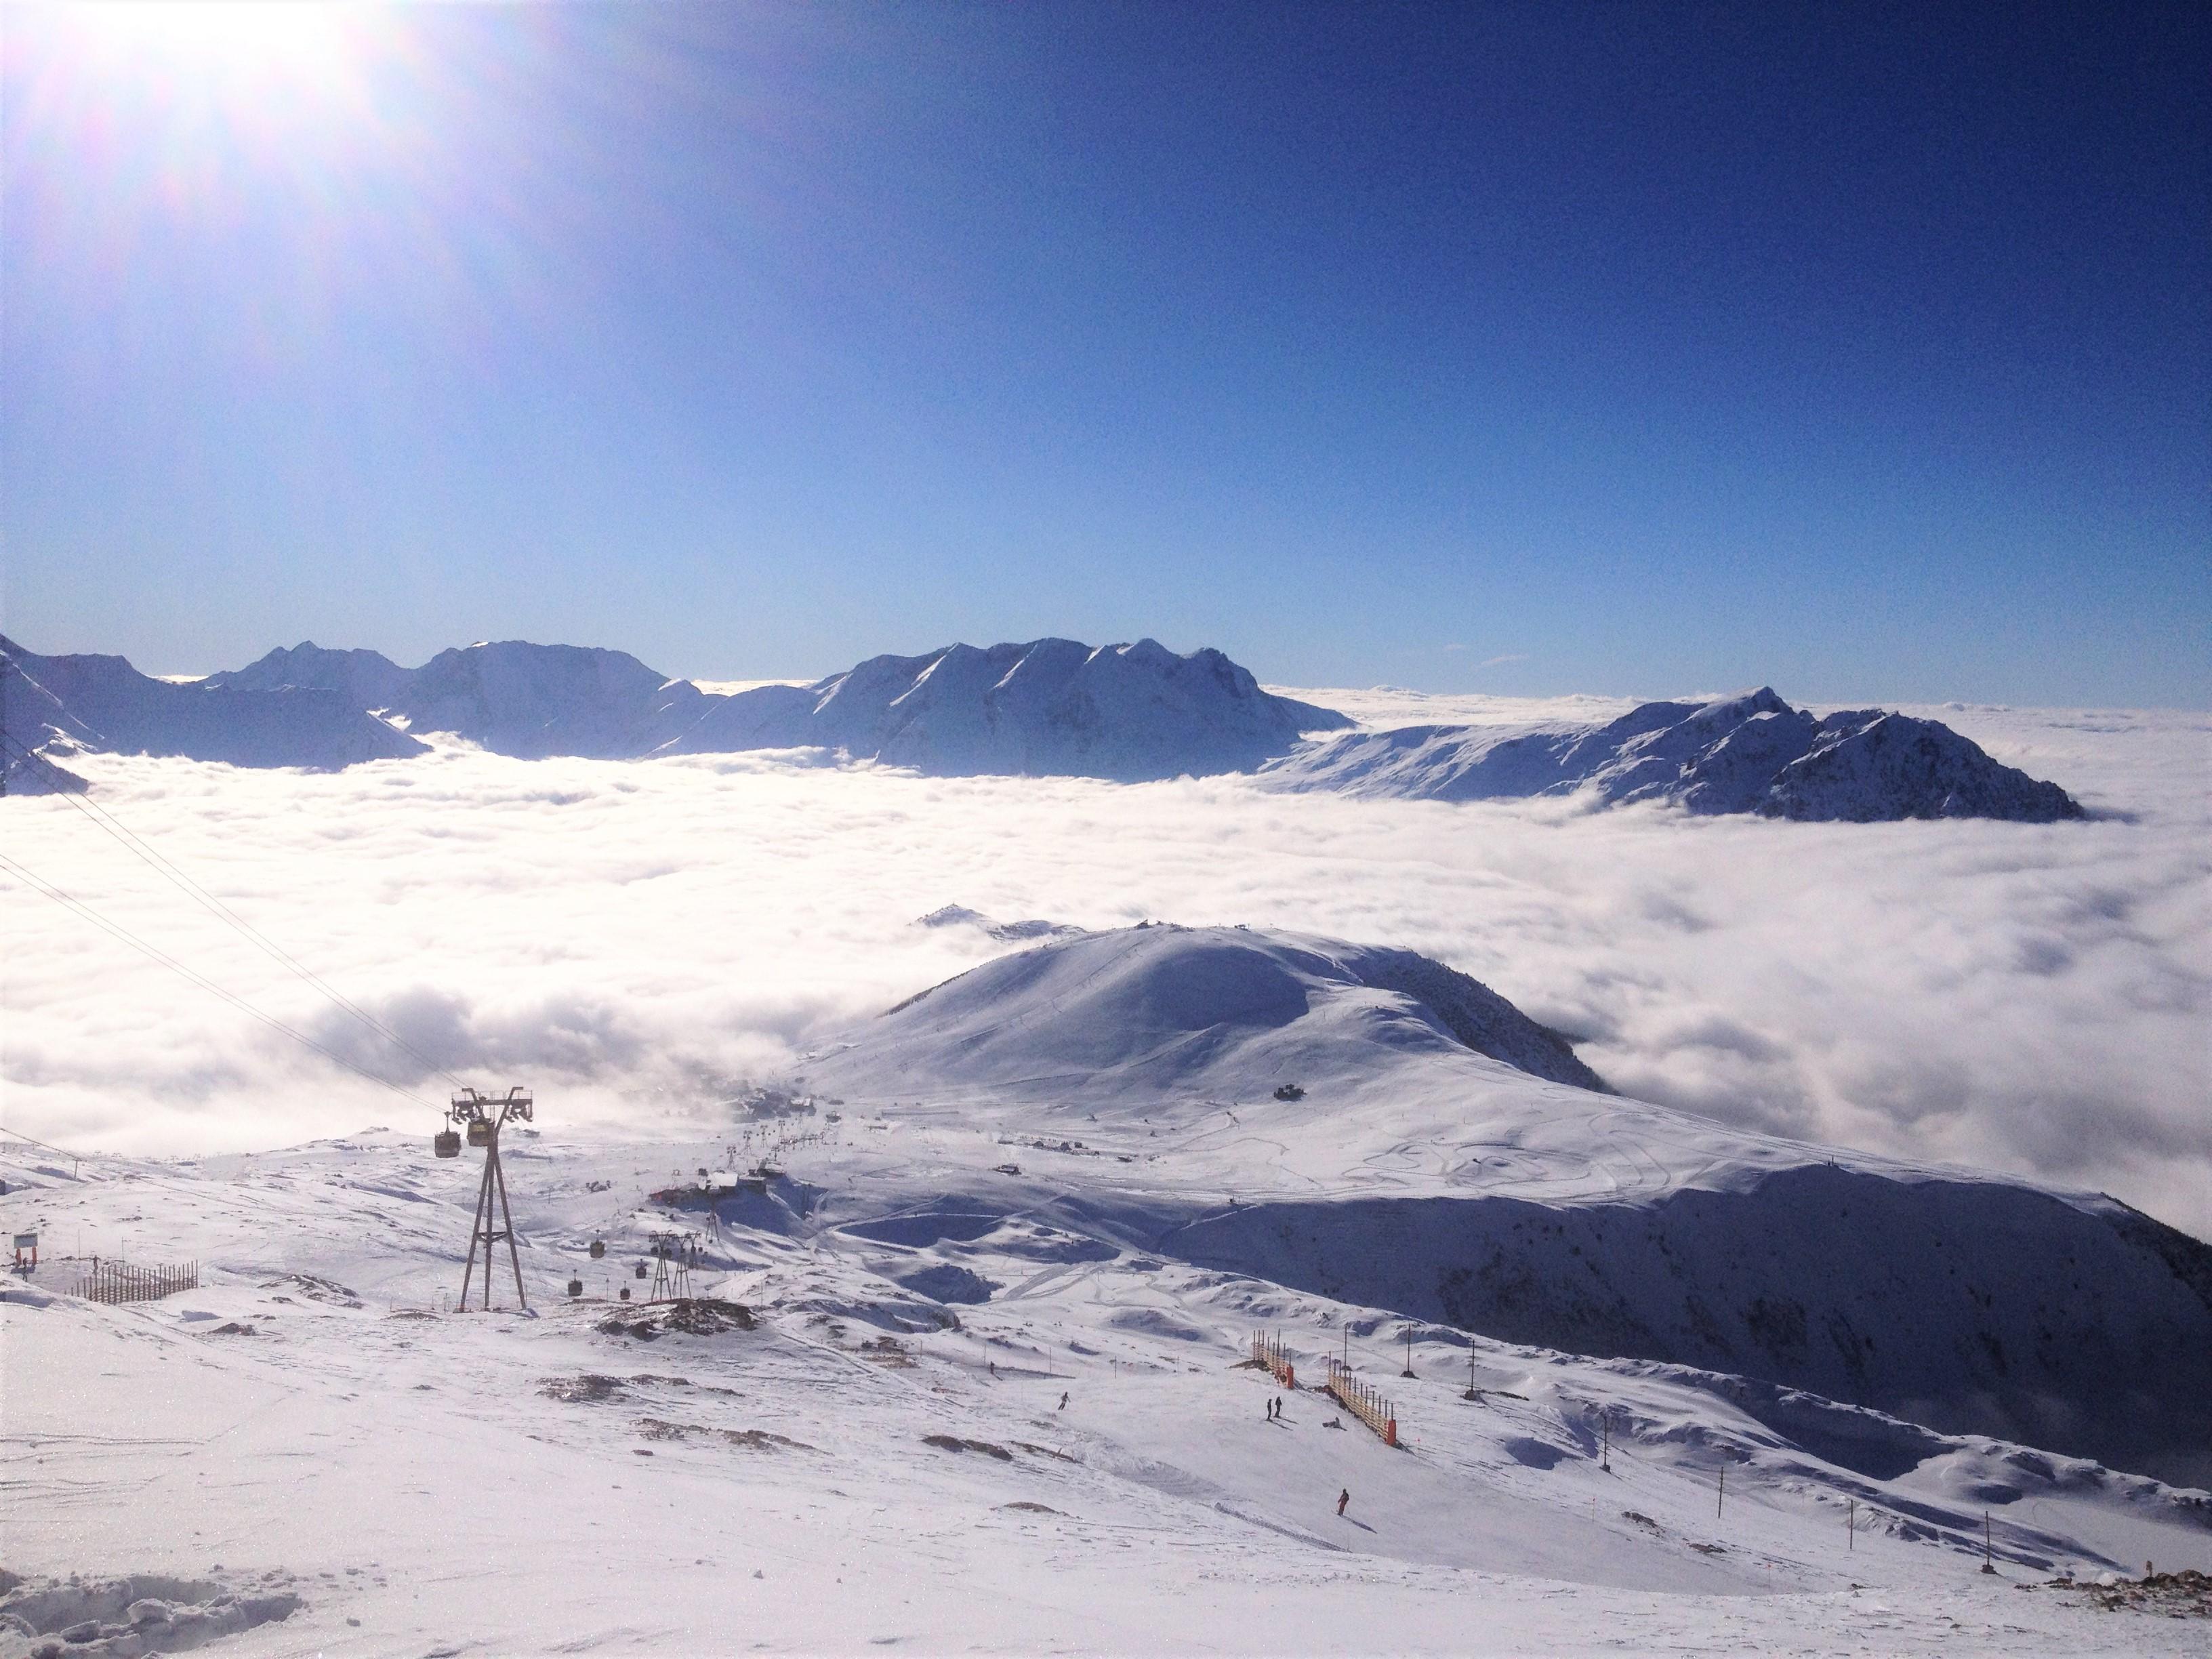 oostenrijk, wintersport